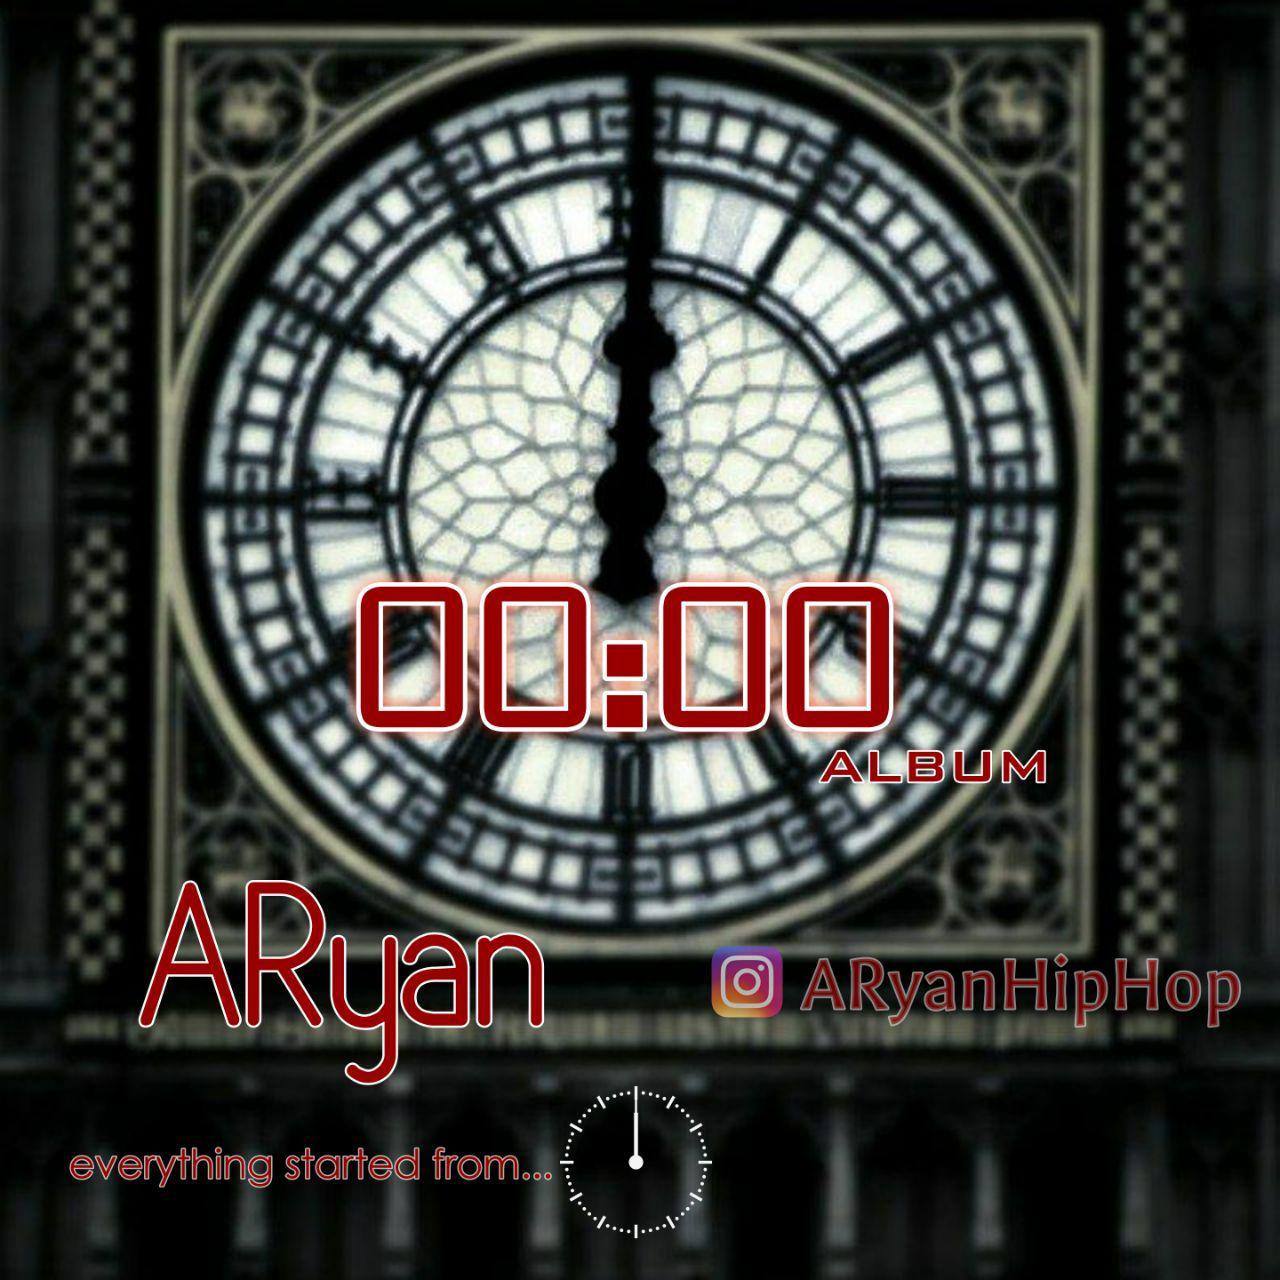 ARyan - 00:00 (Album)